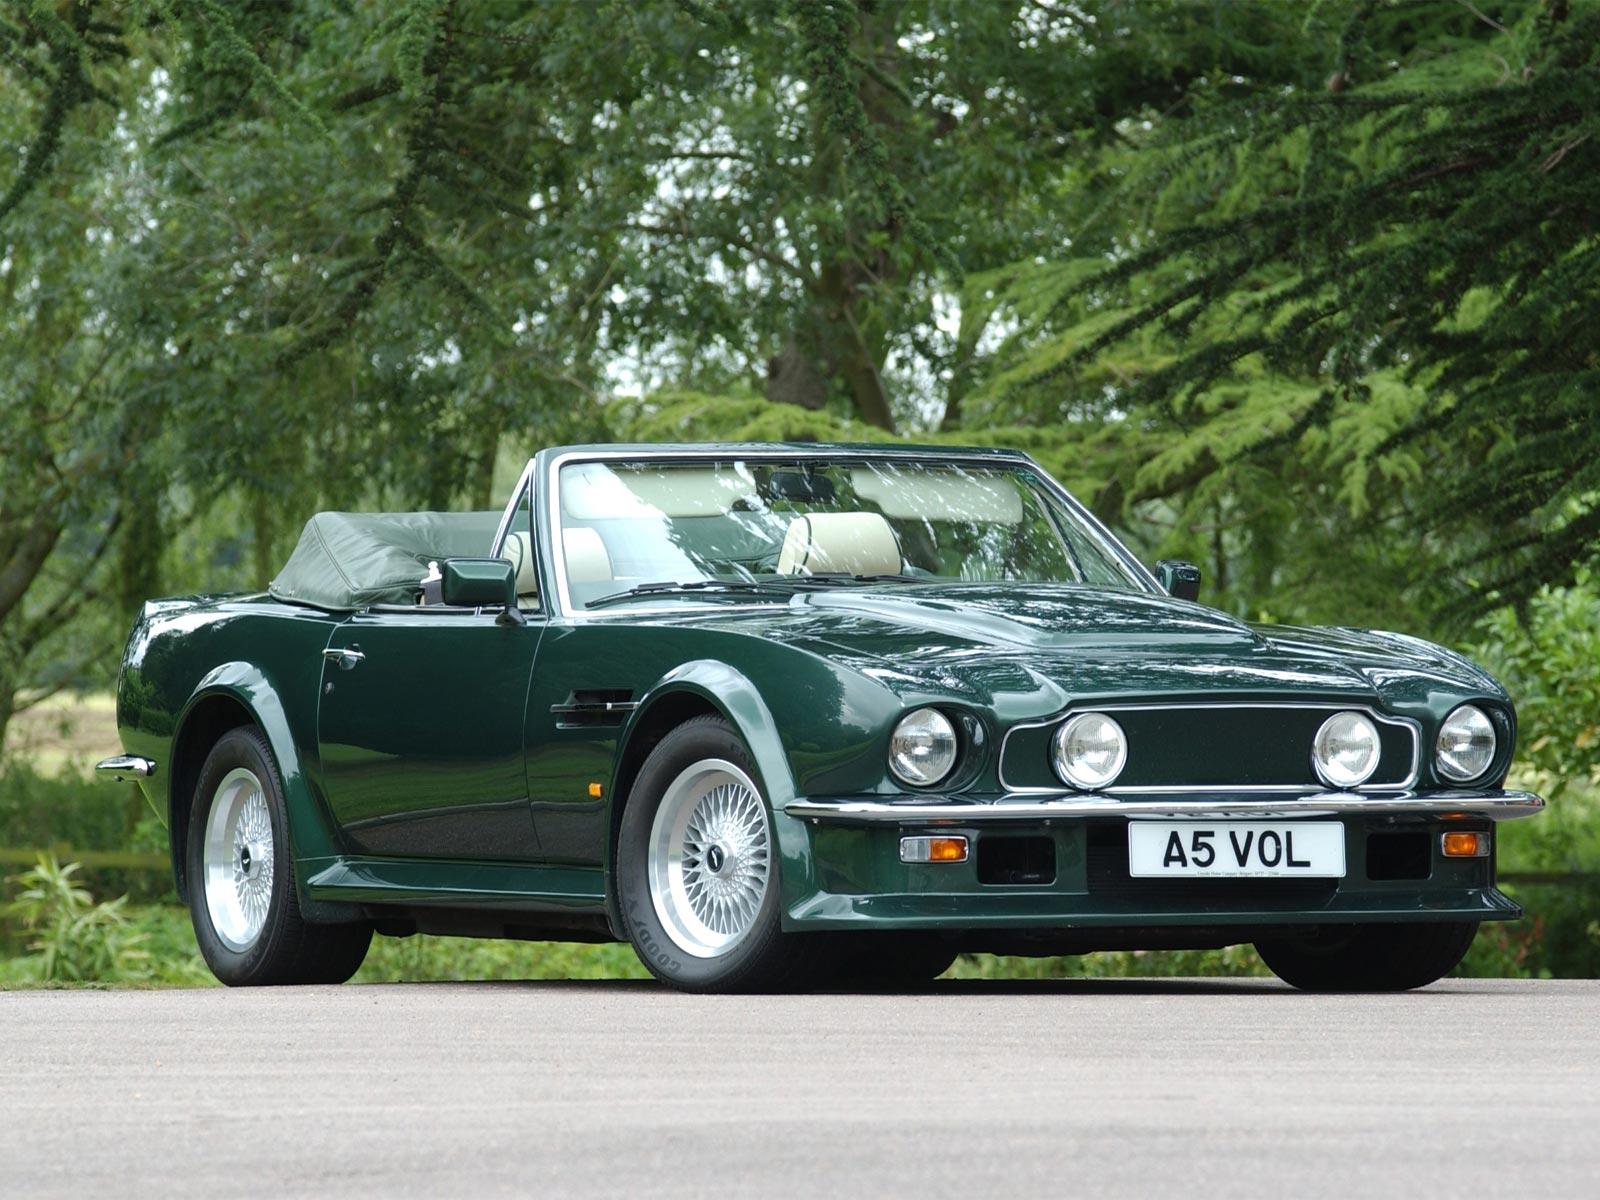 1978 1989 Aston Martin V8 Volante Autoguru Katalog At